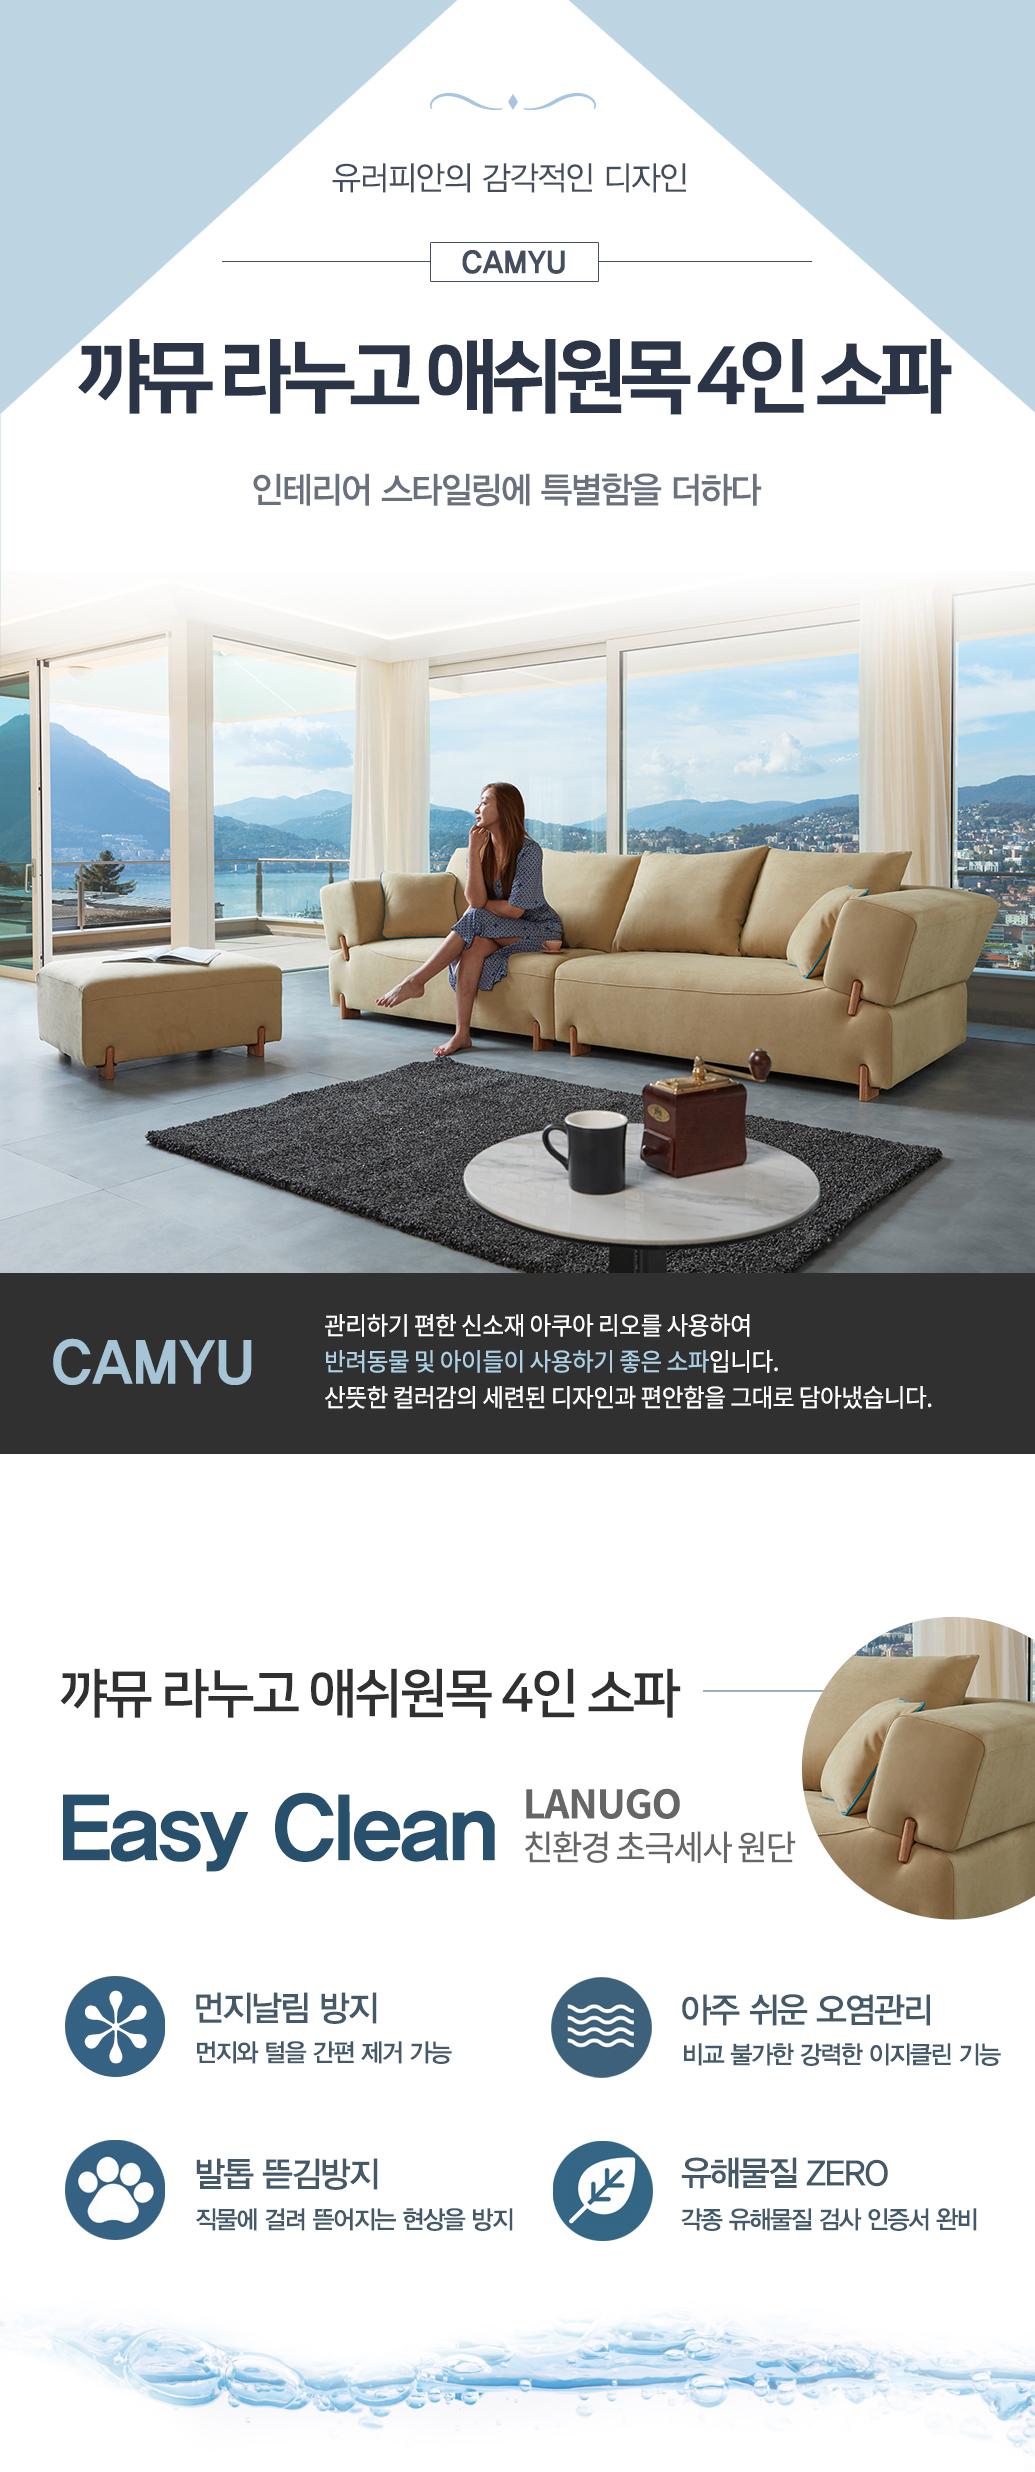 CAMYU_01.jpg